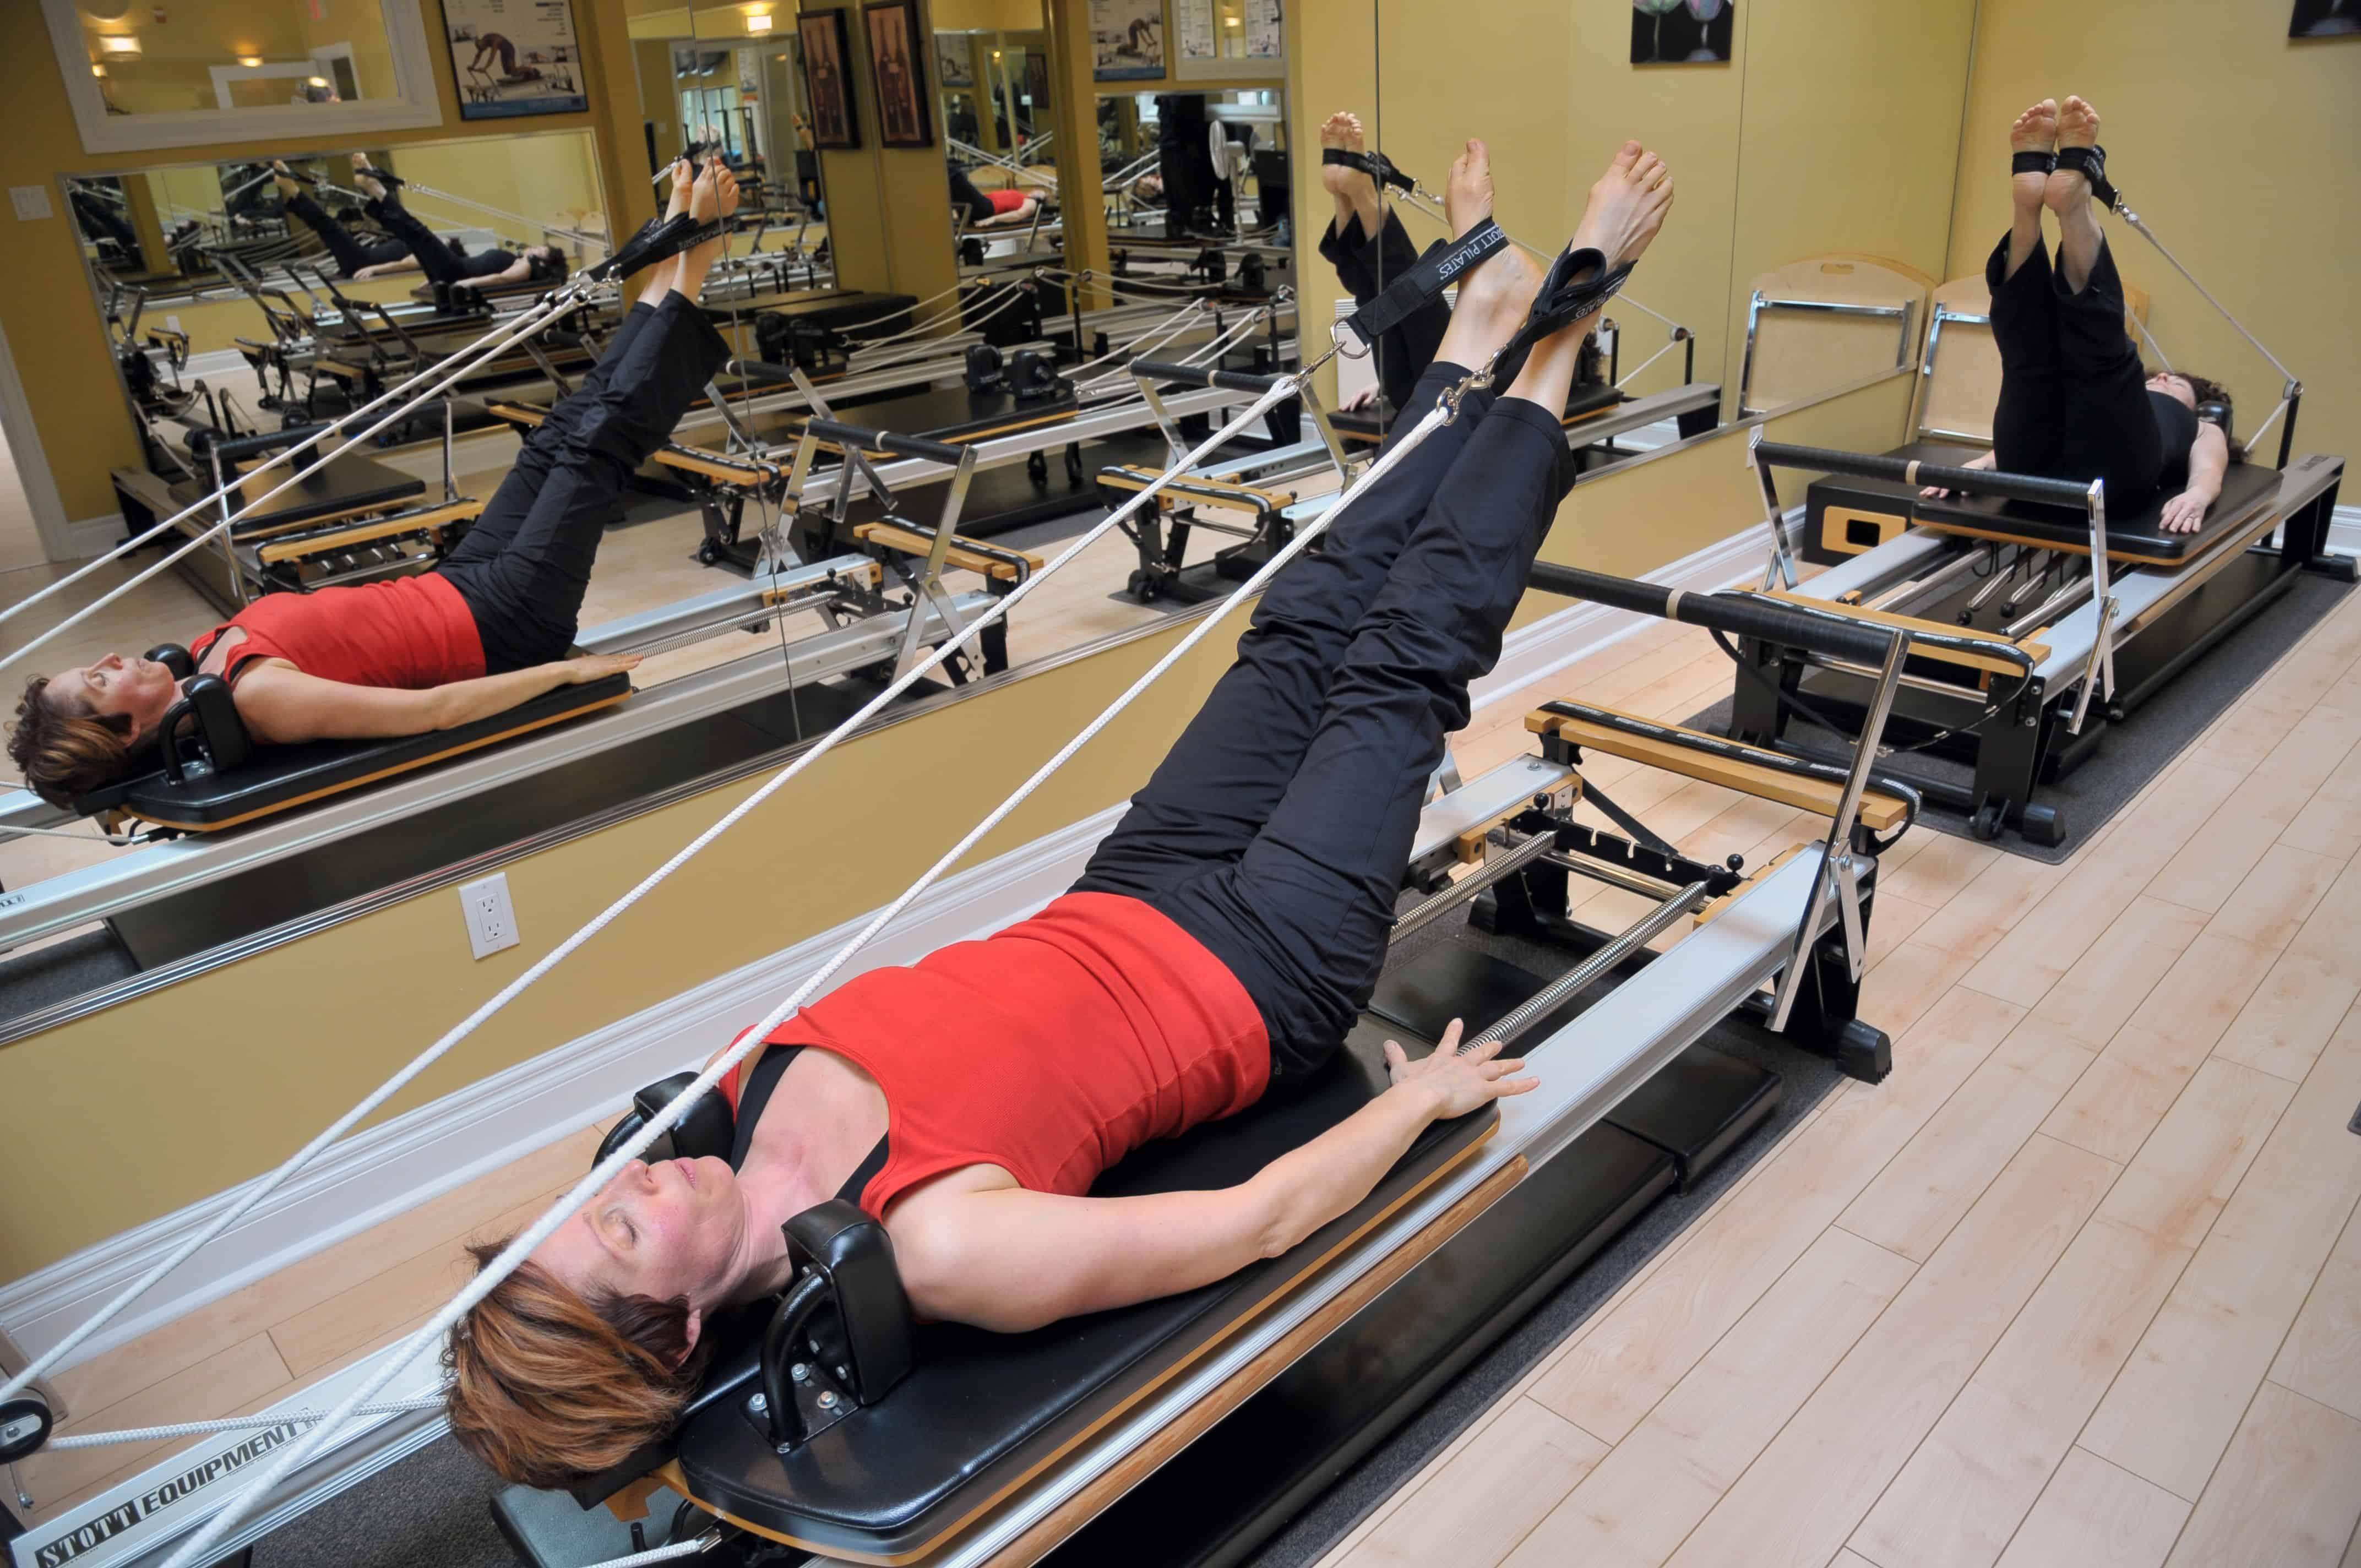 Pilates equipment Victoria BC